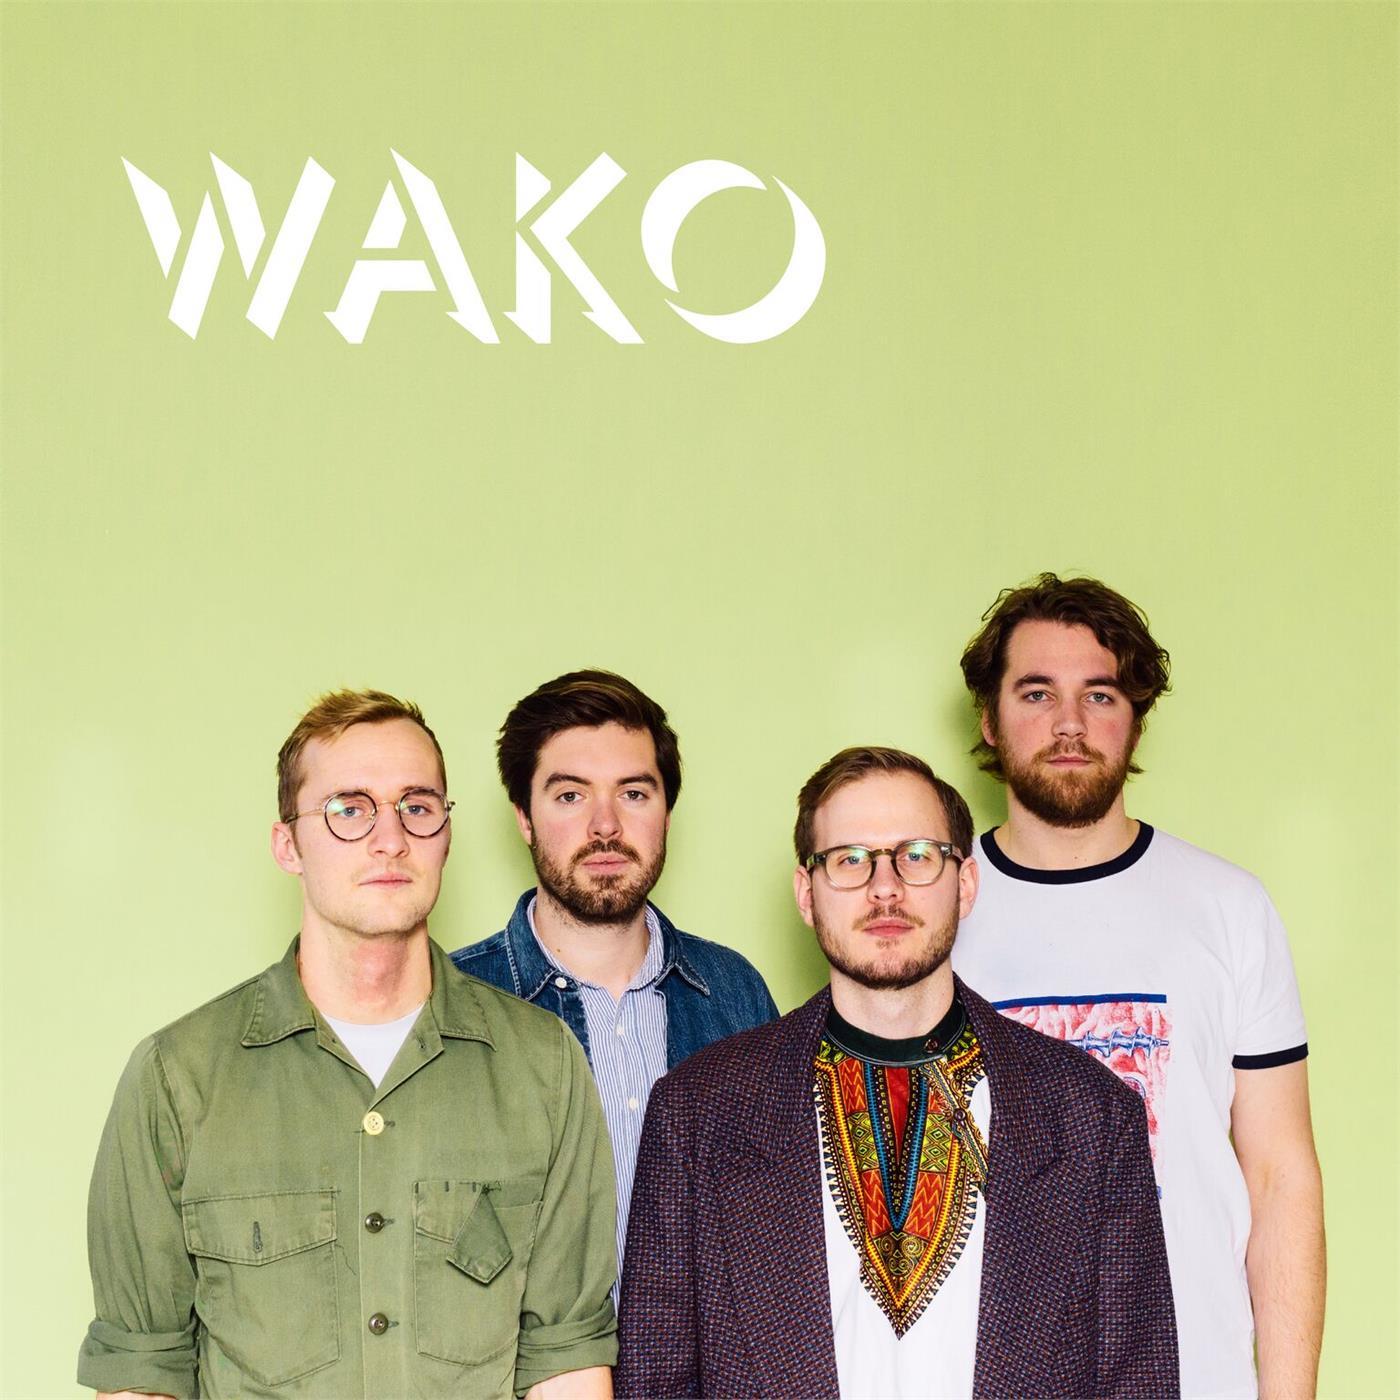 Wako – Wako [LP]